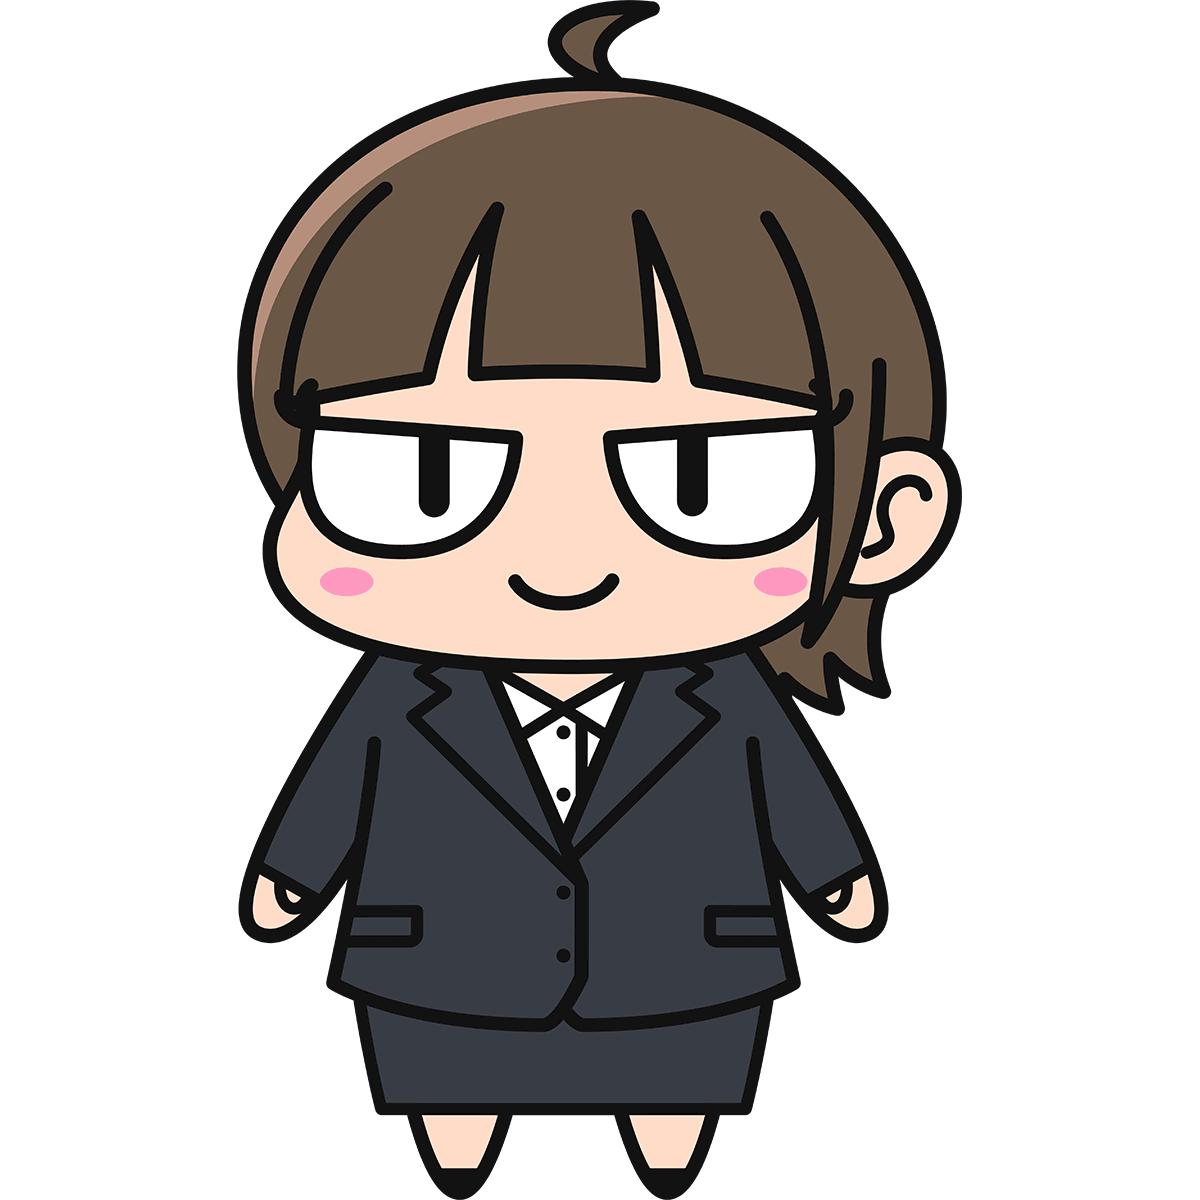 OLダメコ(スーツ)の無料イラスト